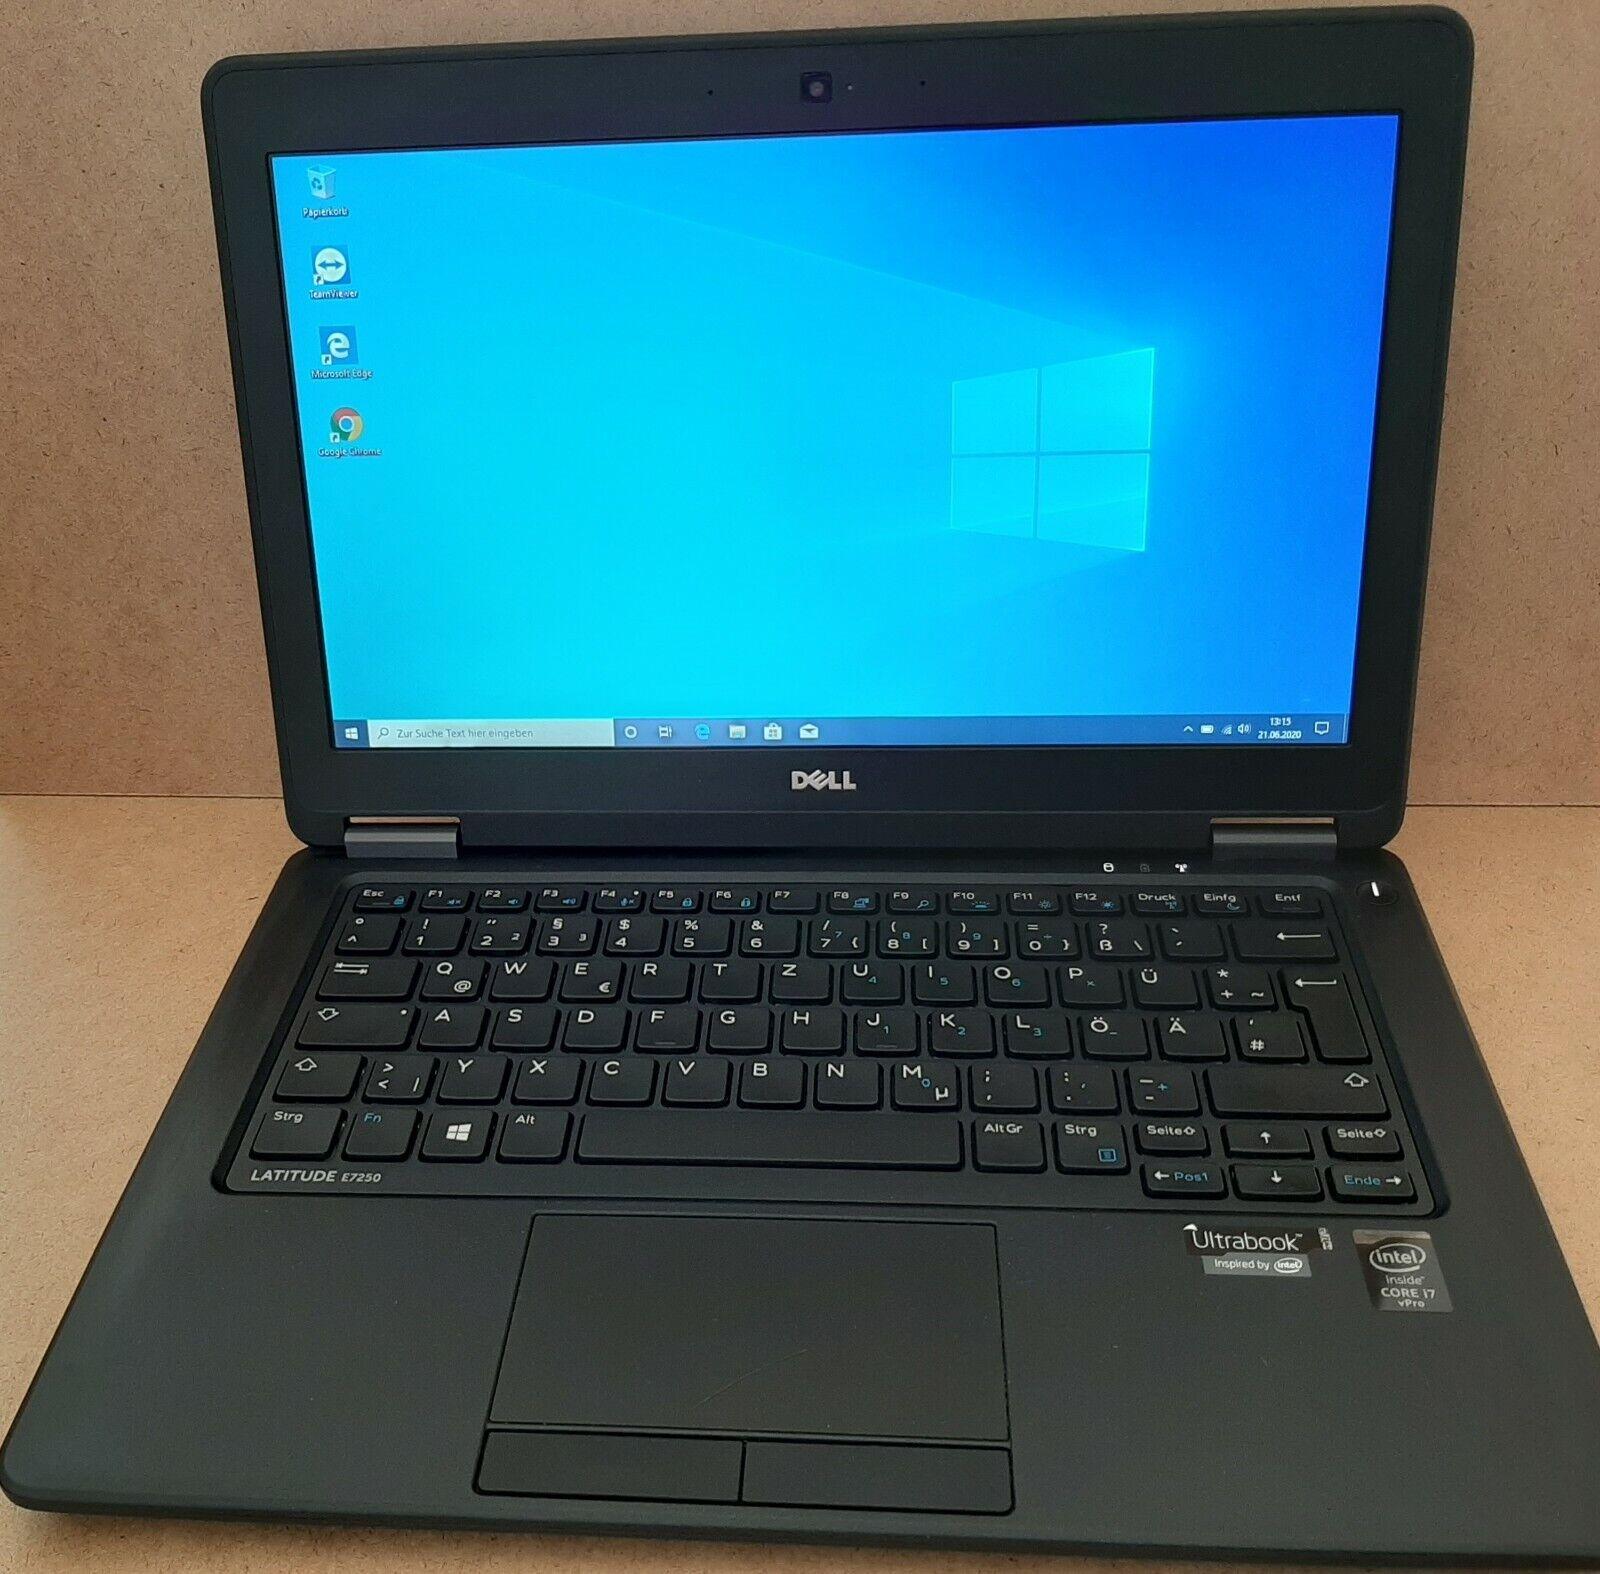 DELL Latitude E7250 Ultrabook i7-5600U 8 GB RAM 256 GB SSD 12,5